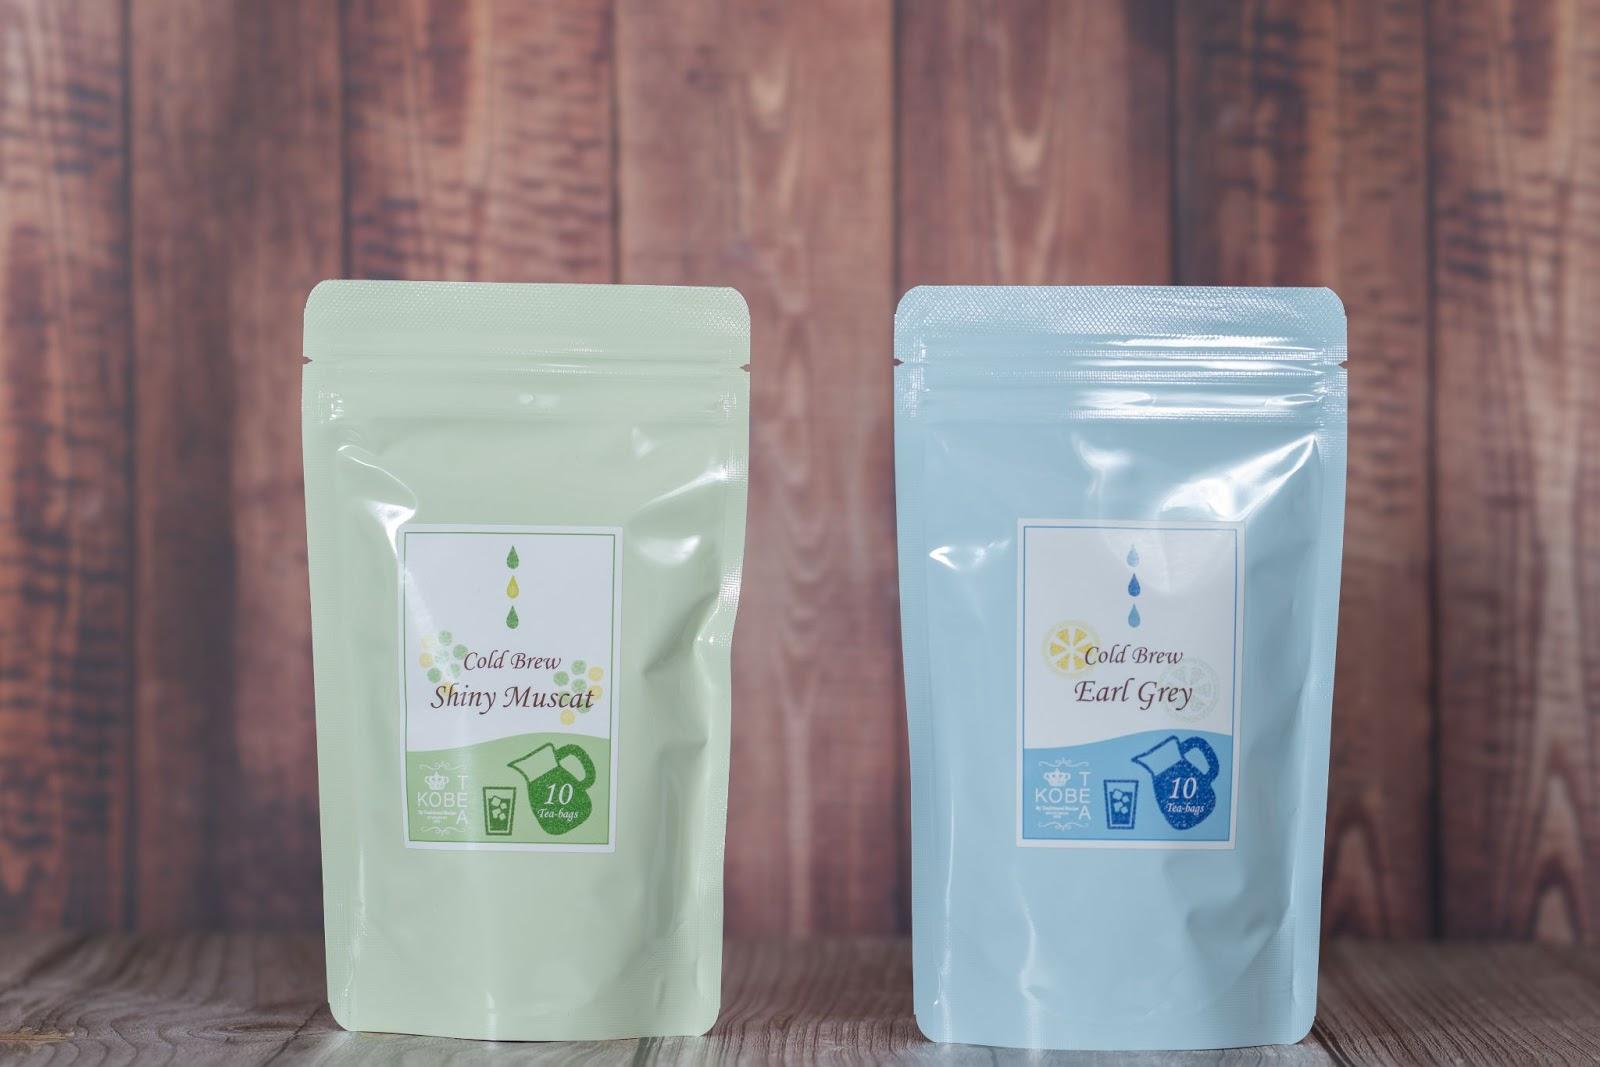 アイキャッチ:創業90年の老舗紅茶メーカー「神戸紅茶株式会社」のフレーバー …